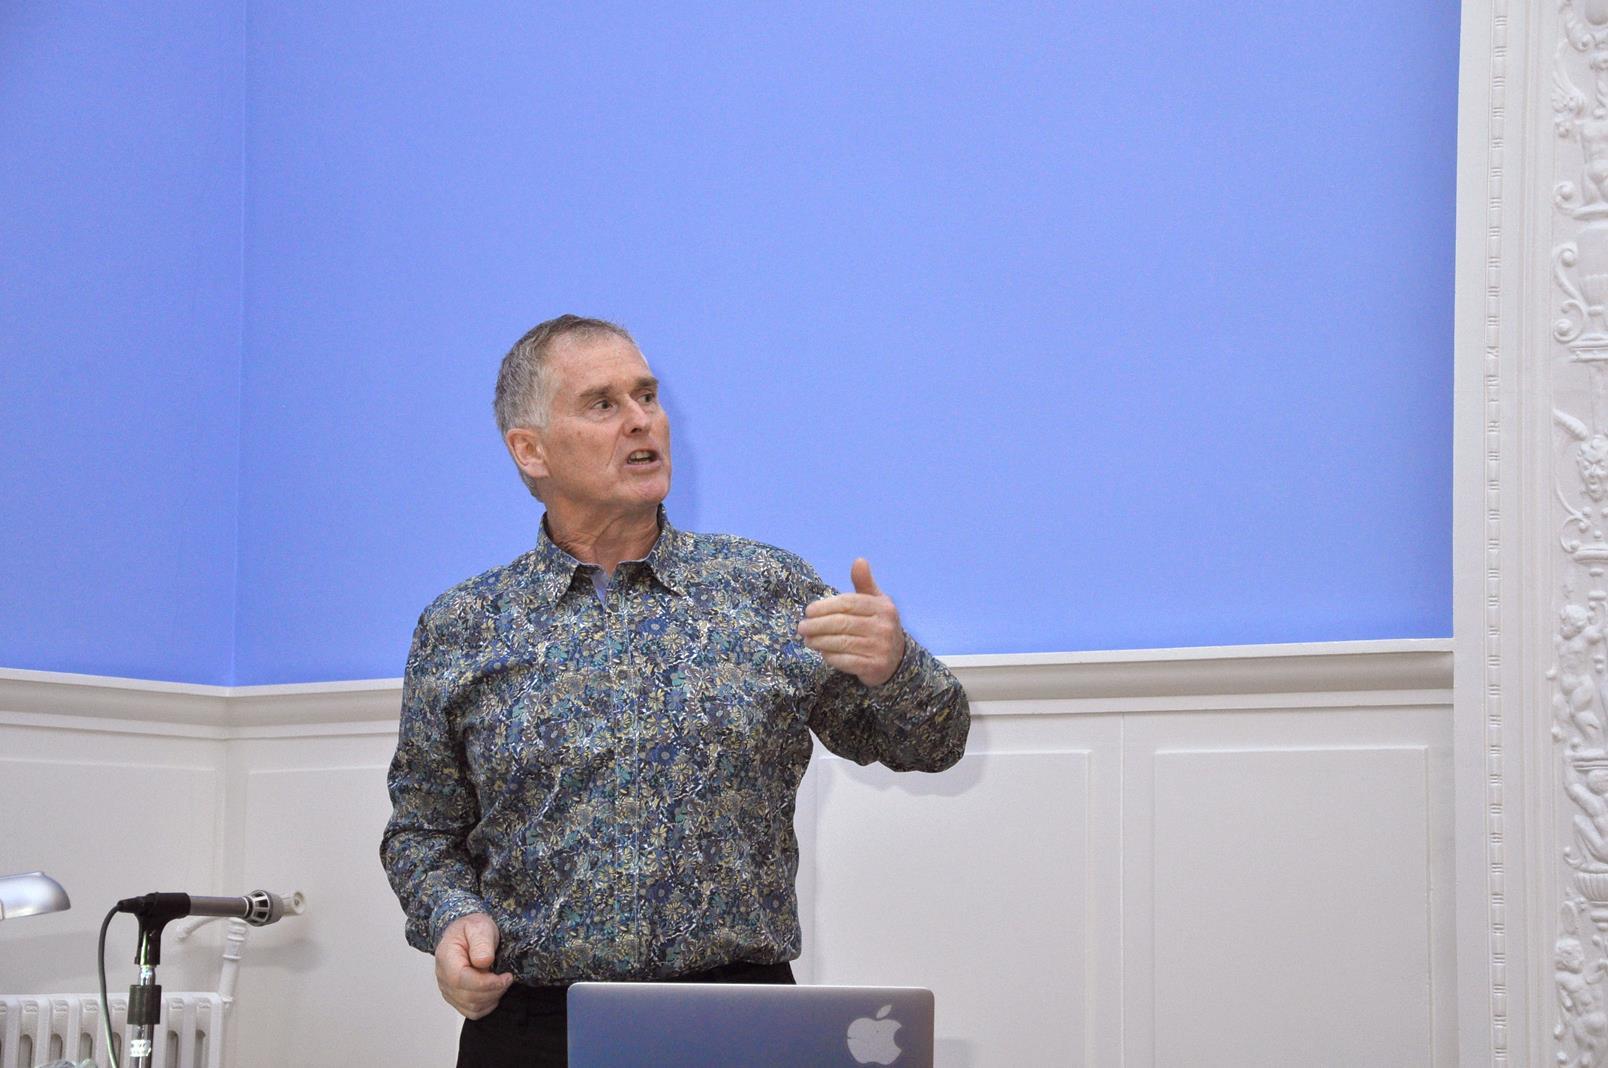 Peter Blair, coleccionista y fotohistoriador, Escocia. 23/10/19